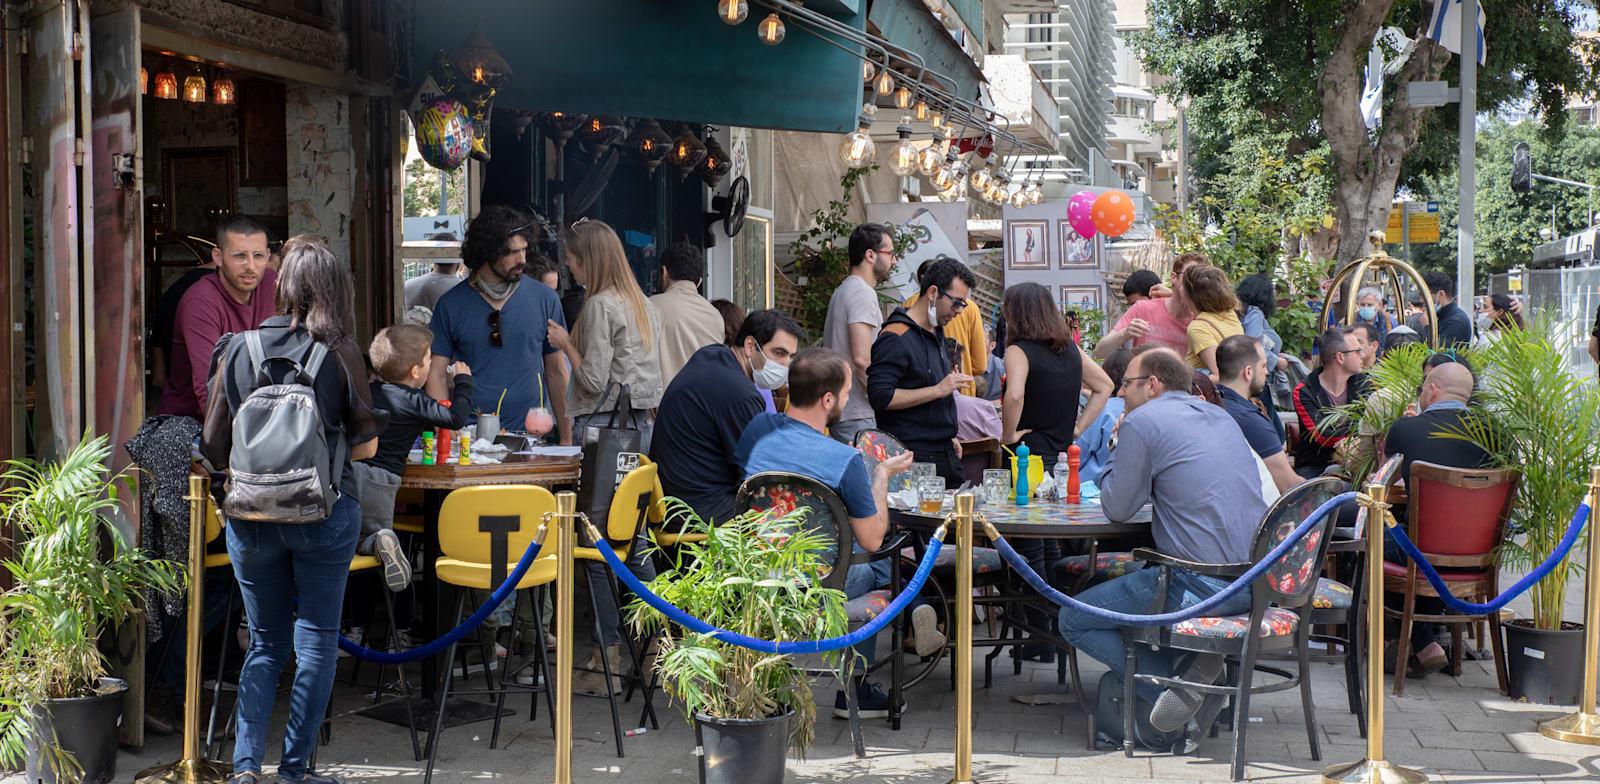 בית קפה בתל אביב / צילום: כדיה לוי